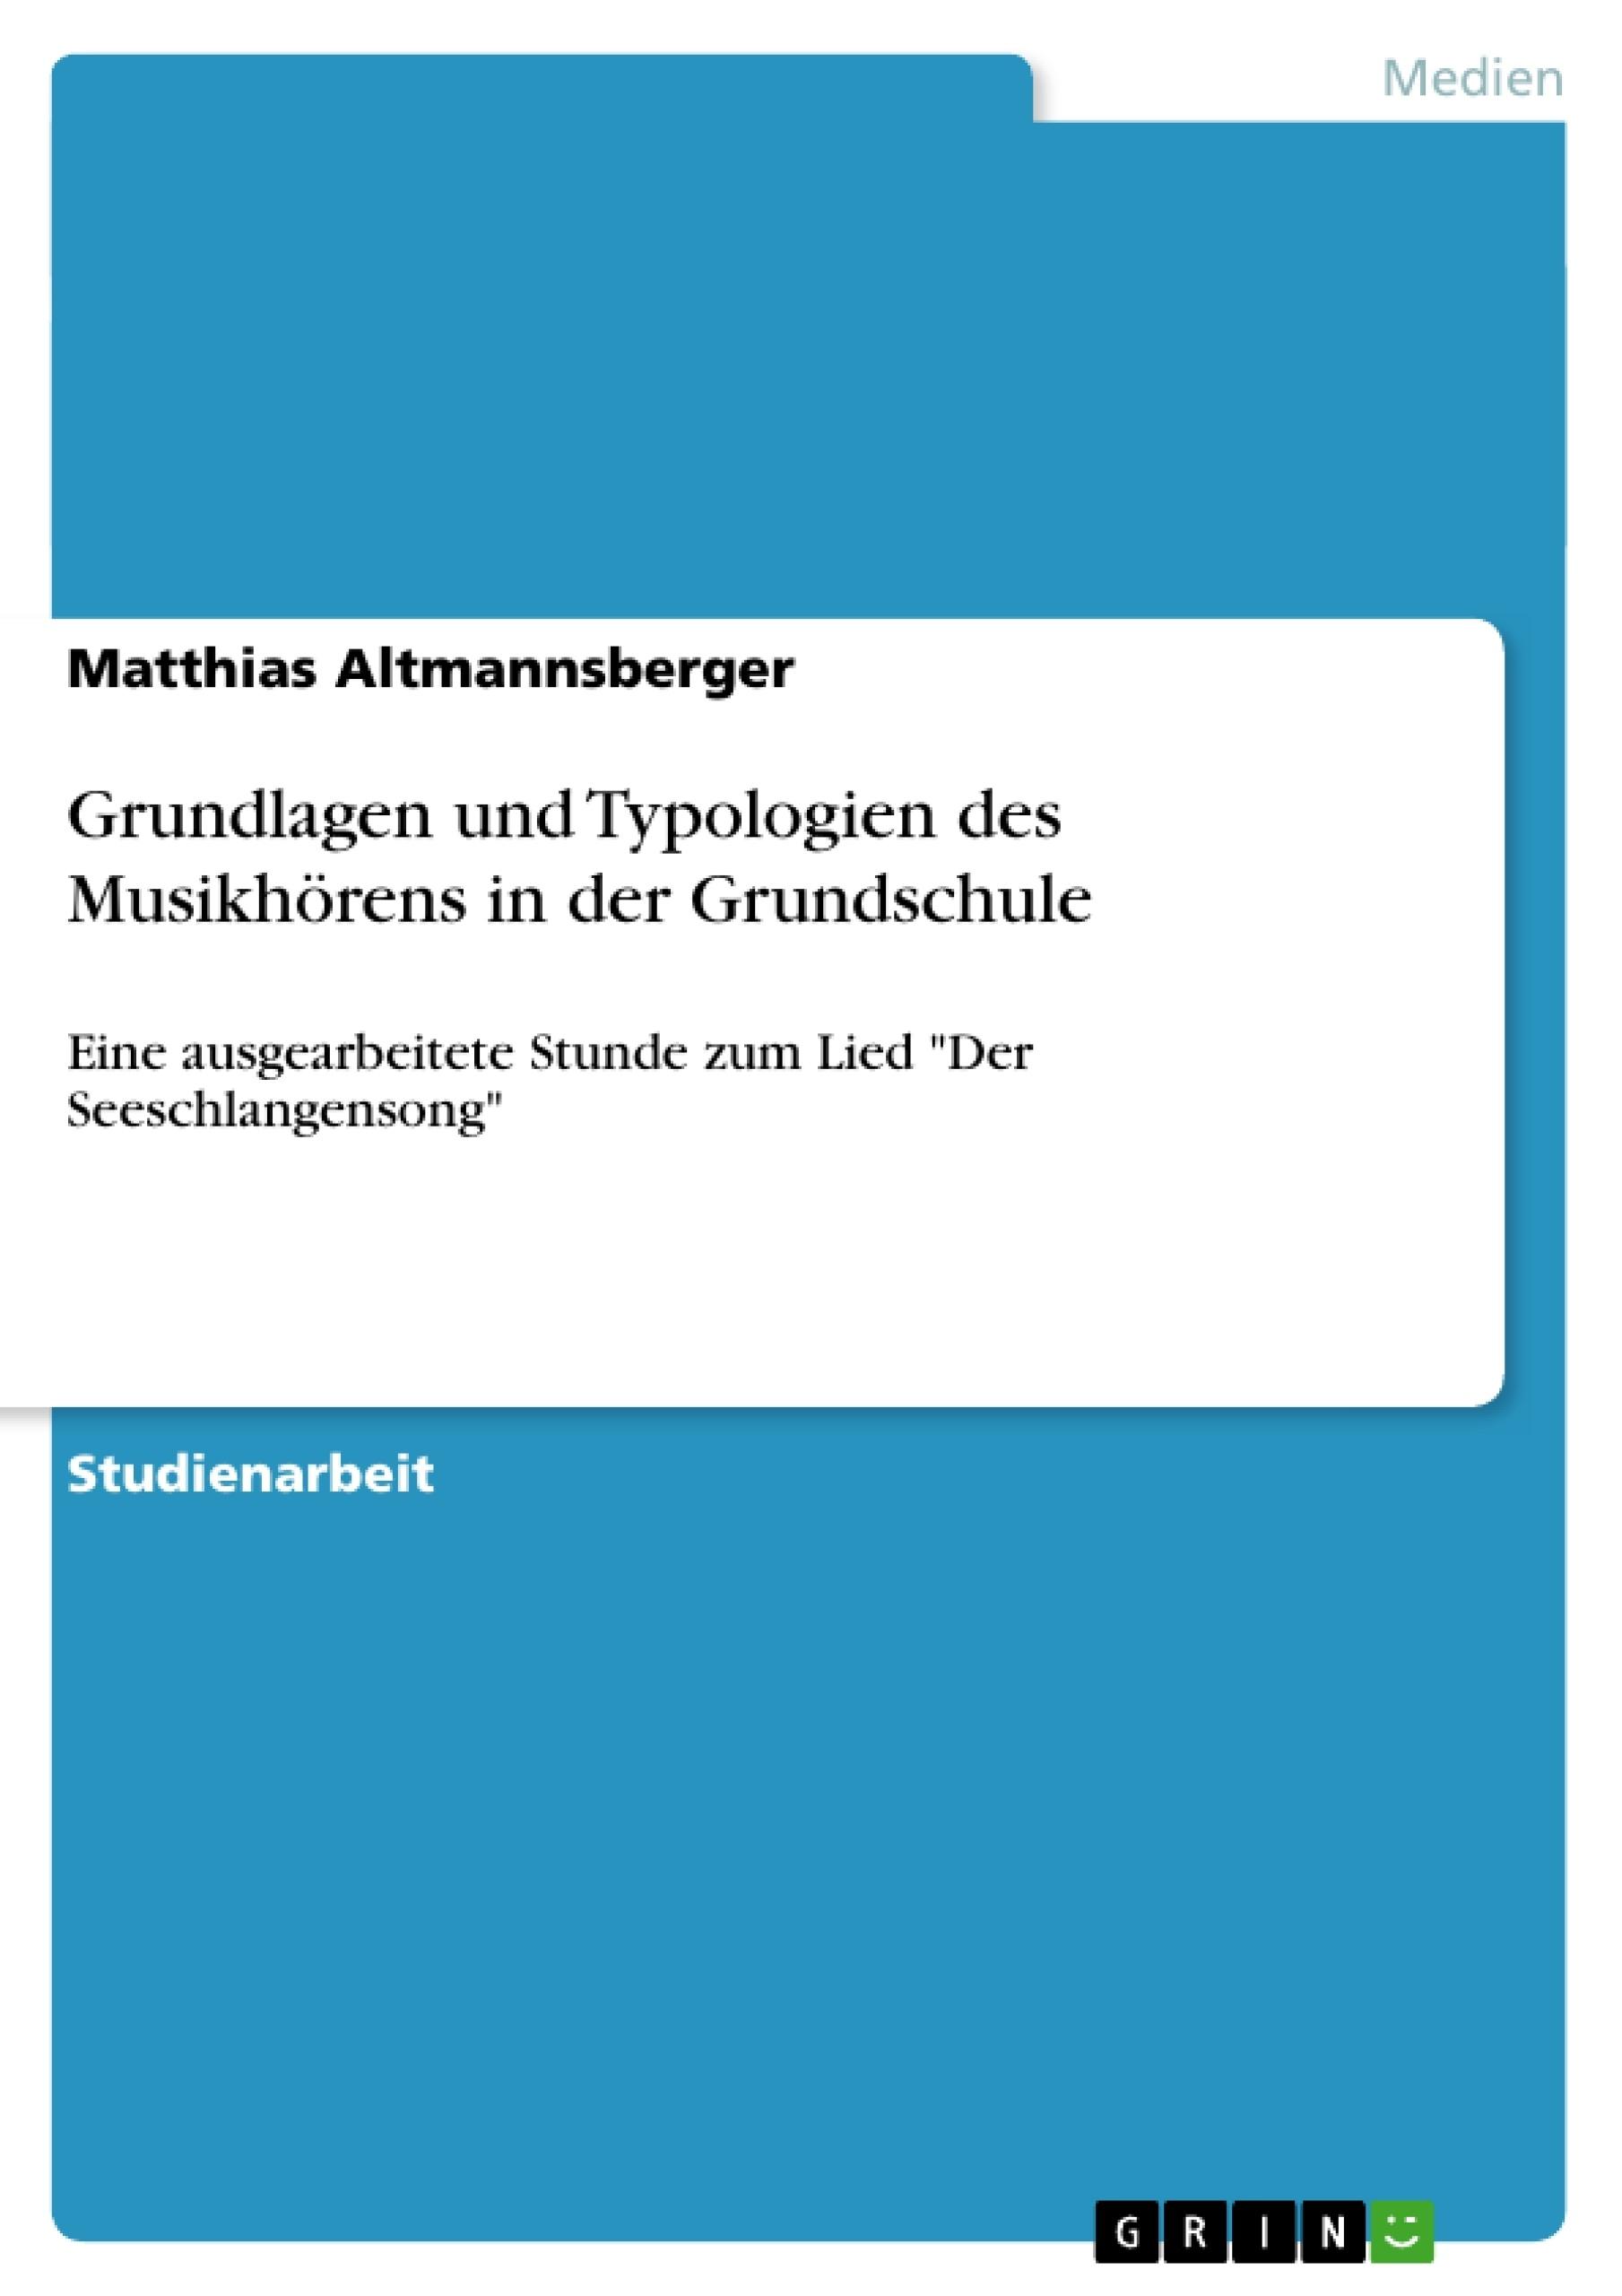 Titel: Grundlagen und Typologien des Musikhörens in der Grundschule